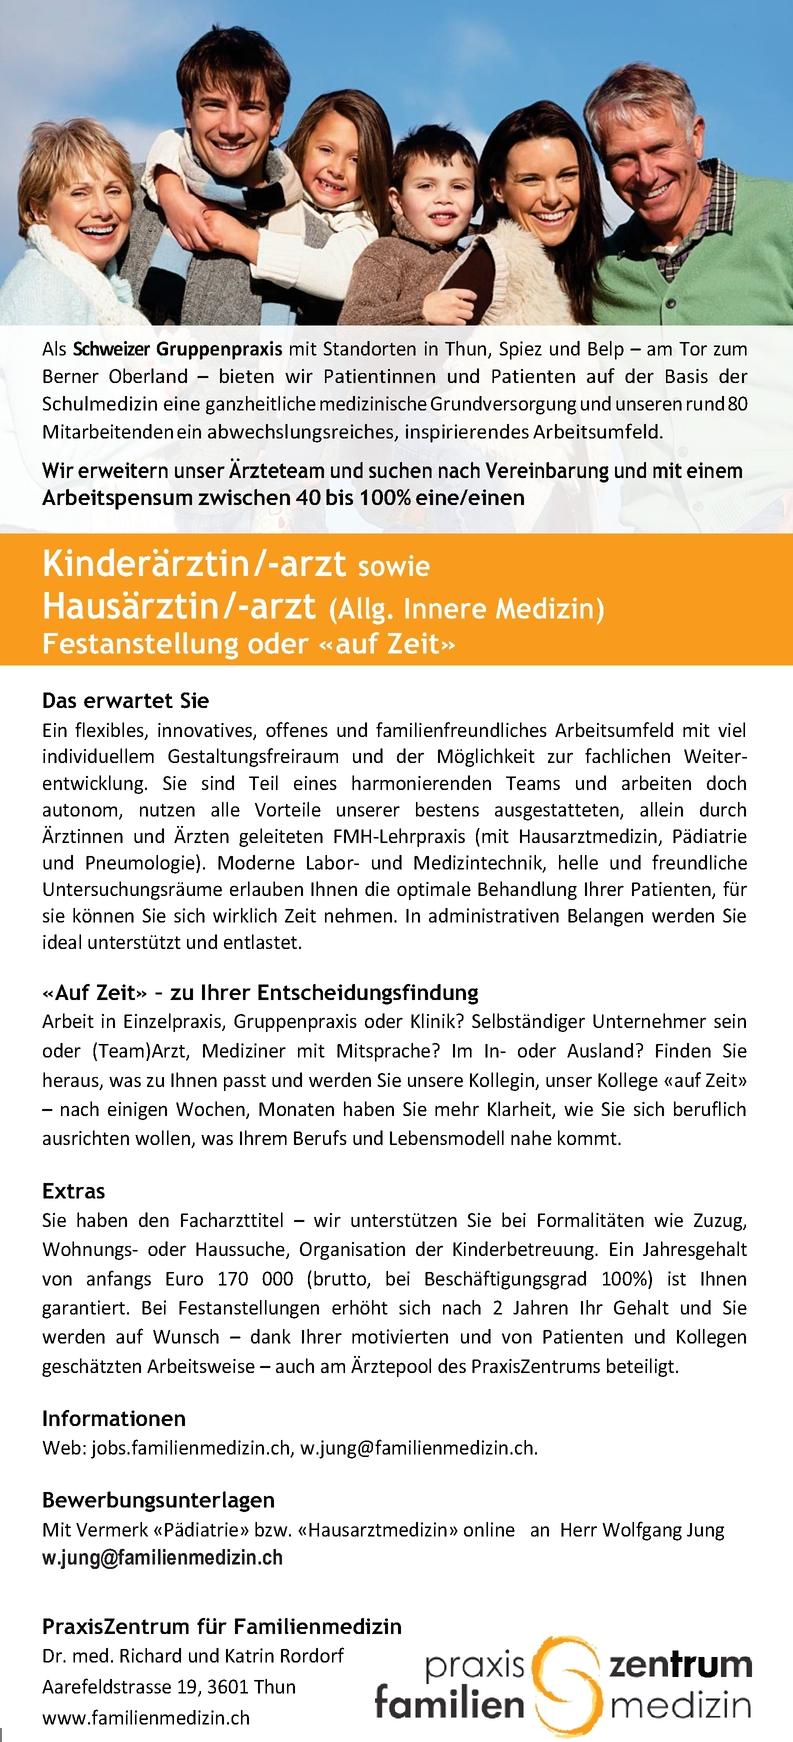 Hausärztin/-arzt (Allg. Innere Medizin)